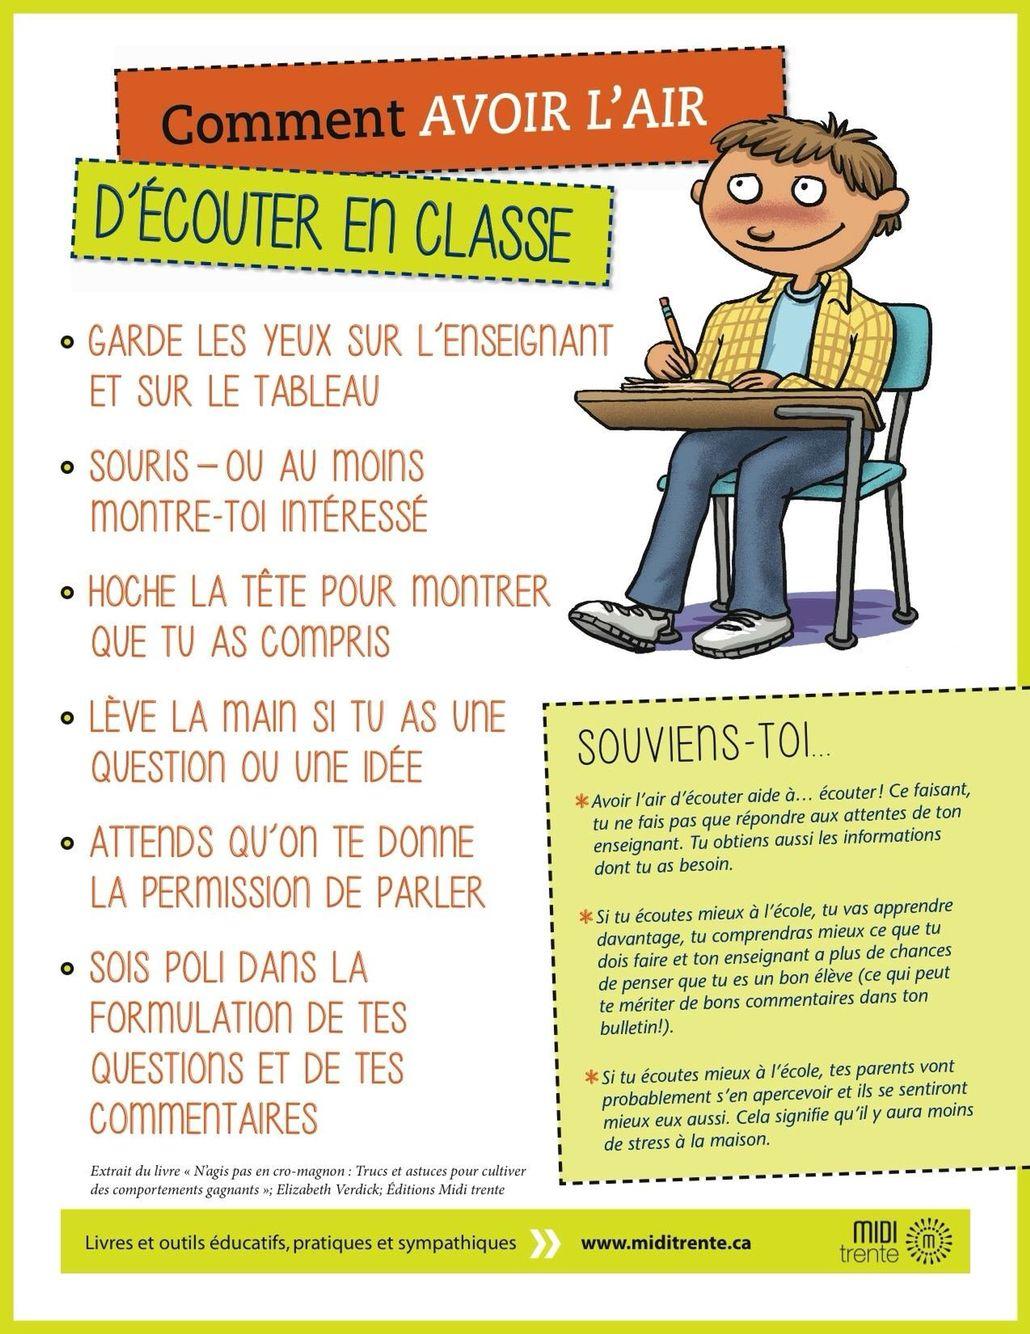 Es Ce Que Je Peux : Qu'est, C'est, D'écouter, Classe, Comment, Arriver, Teaching,, Helping, Kids,, Education